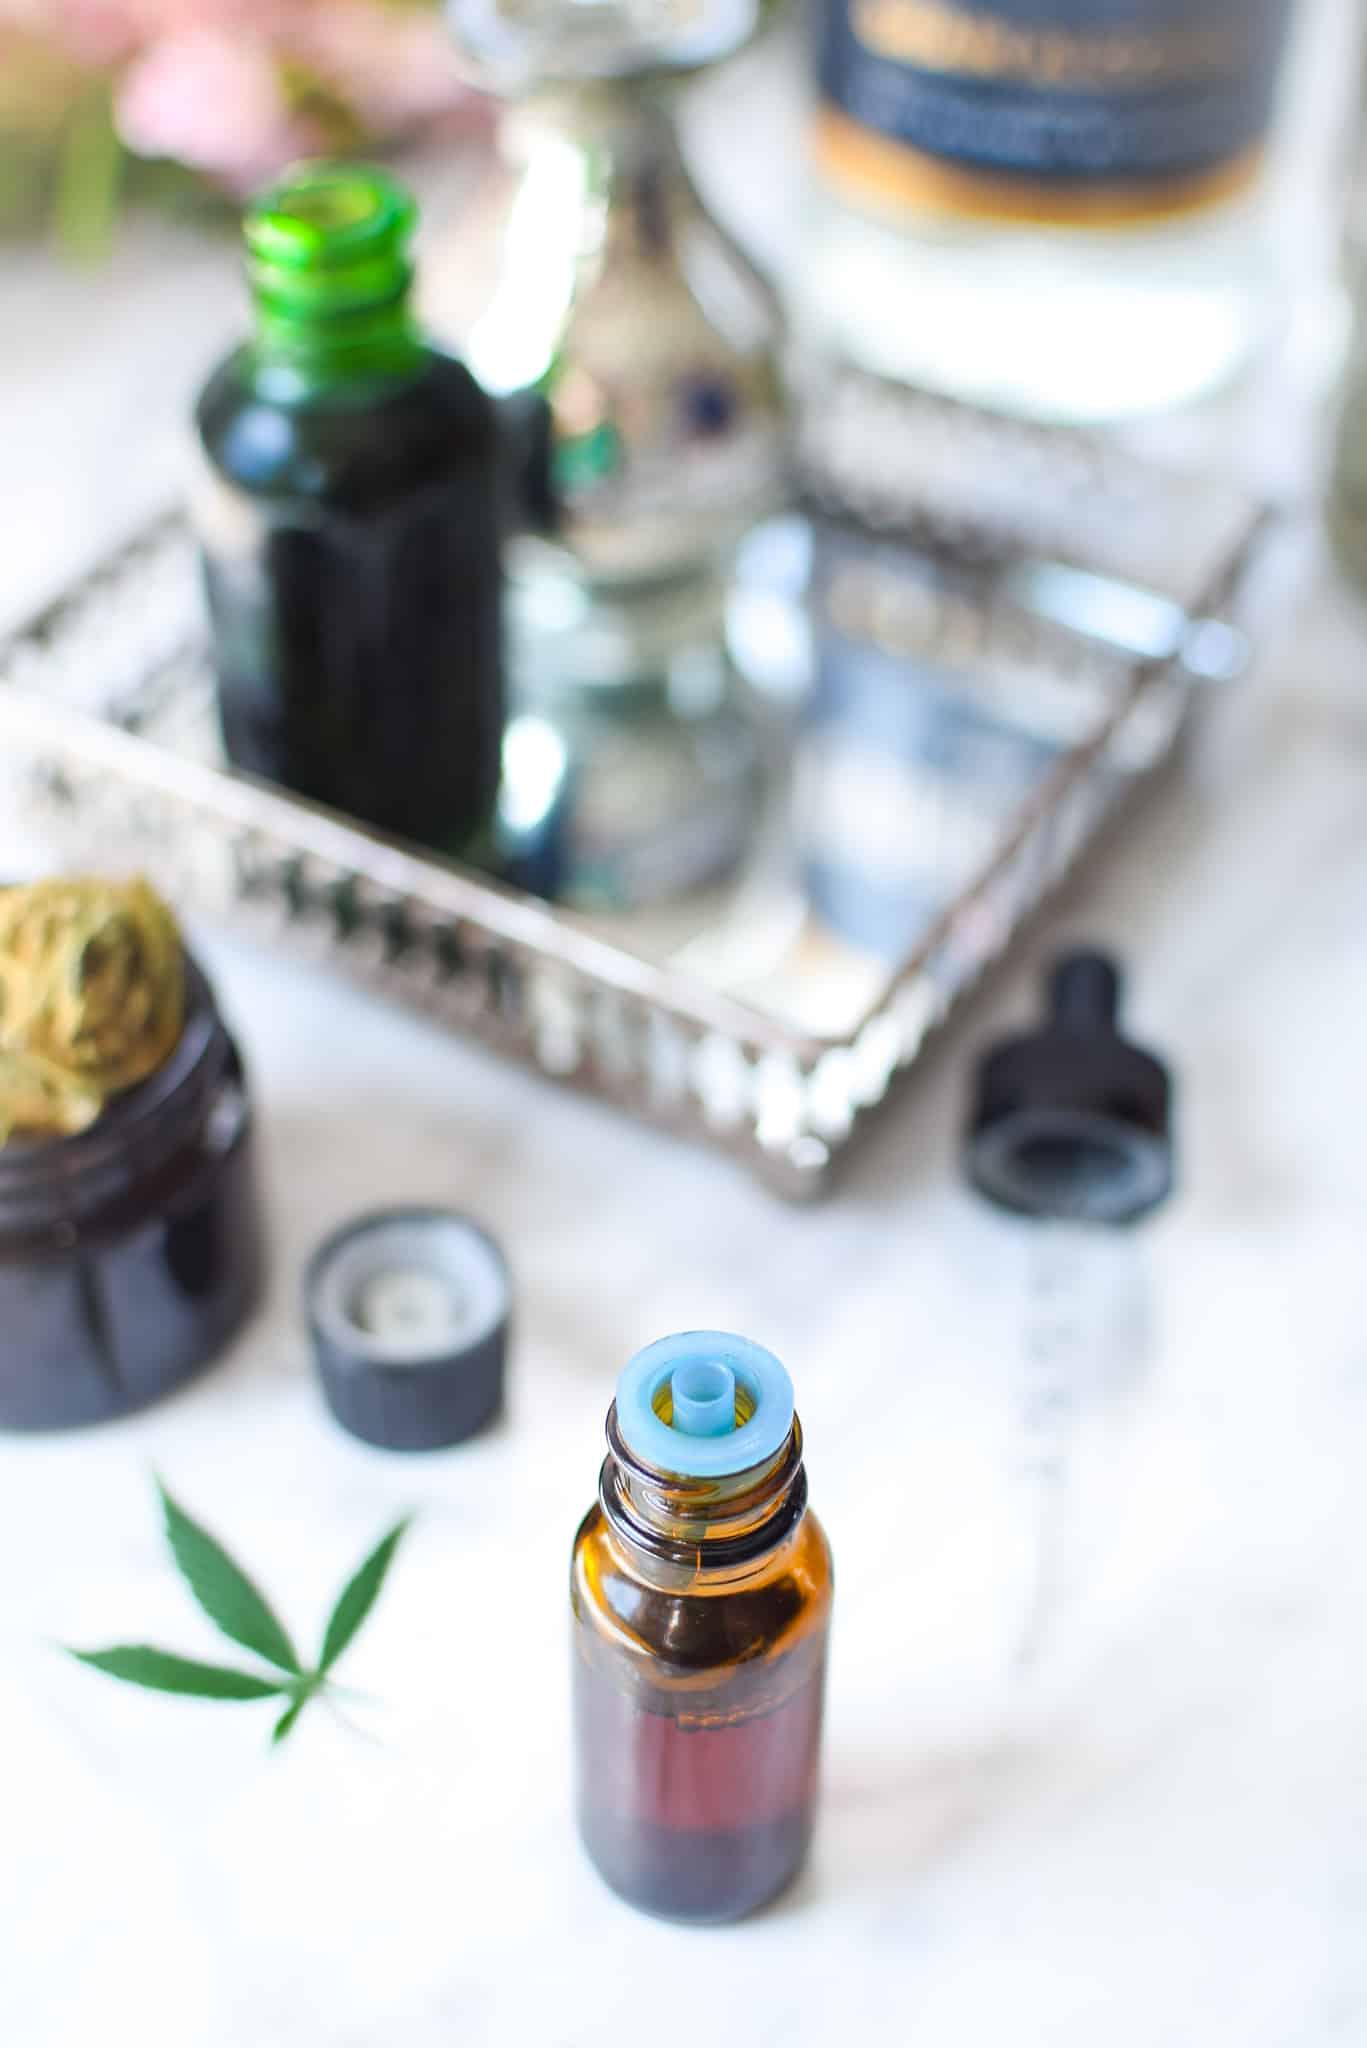 QWET Cannabis Tincture